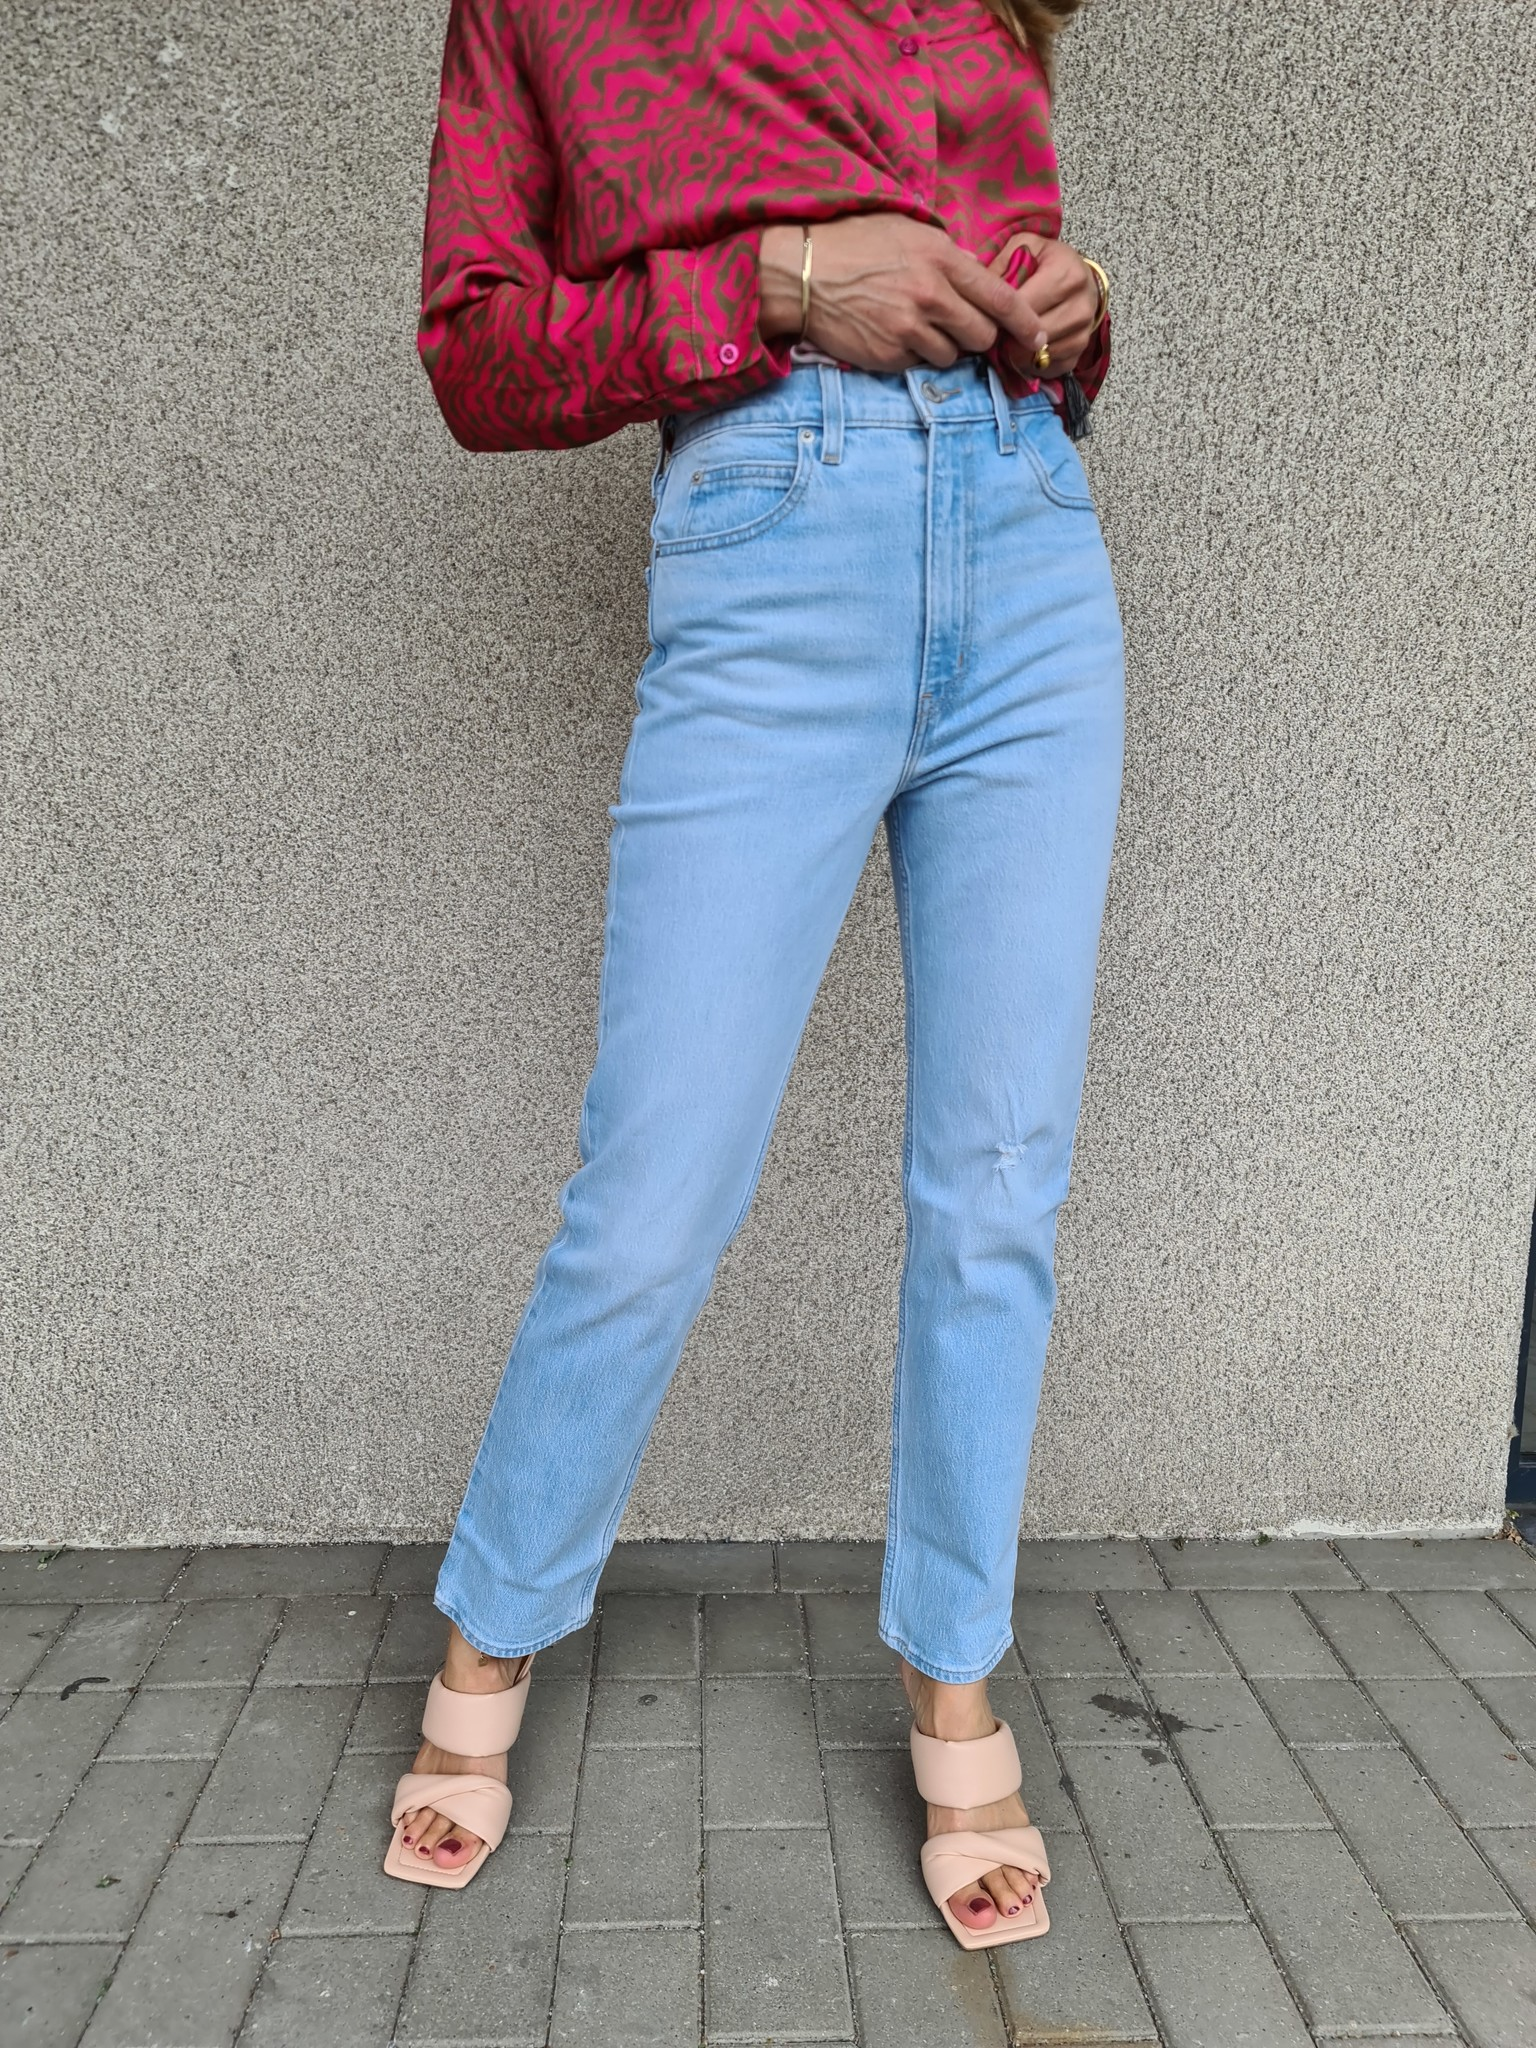 LEVIS jeans-4